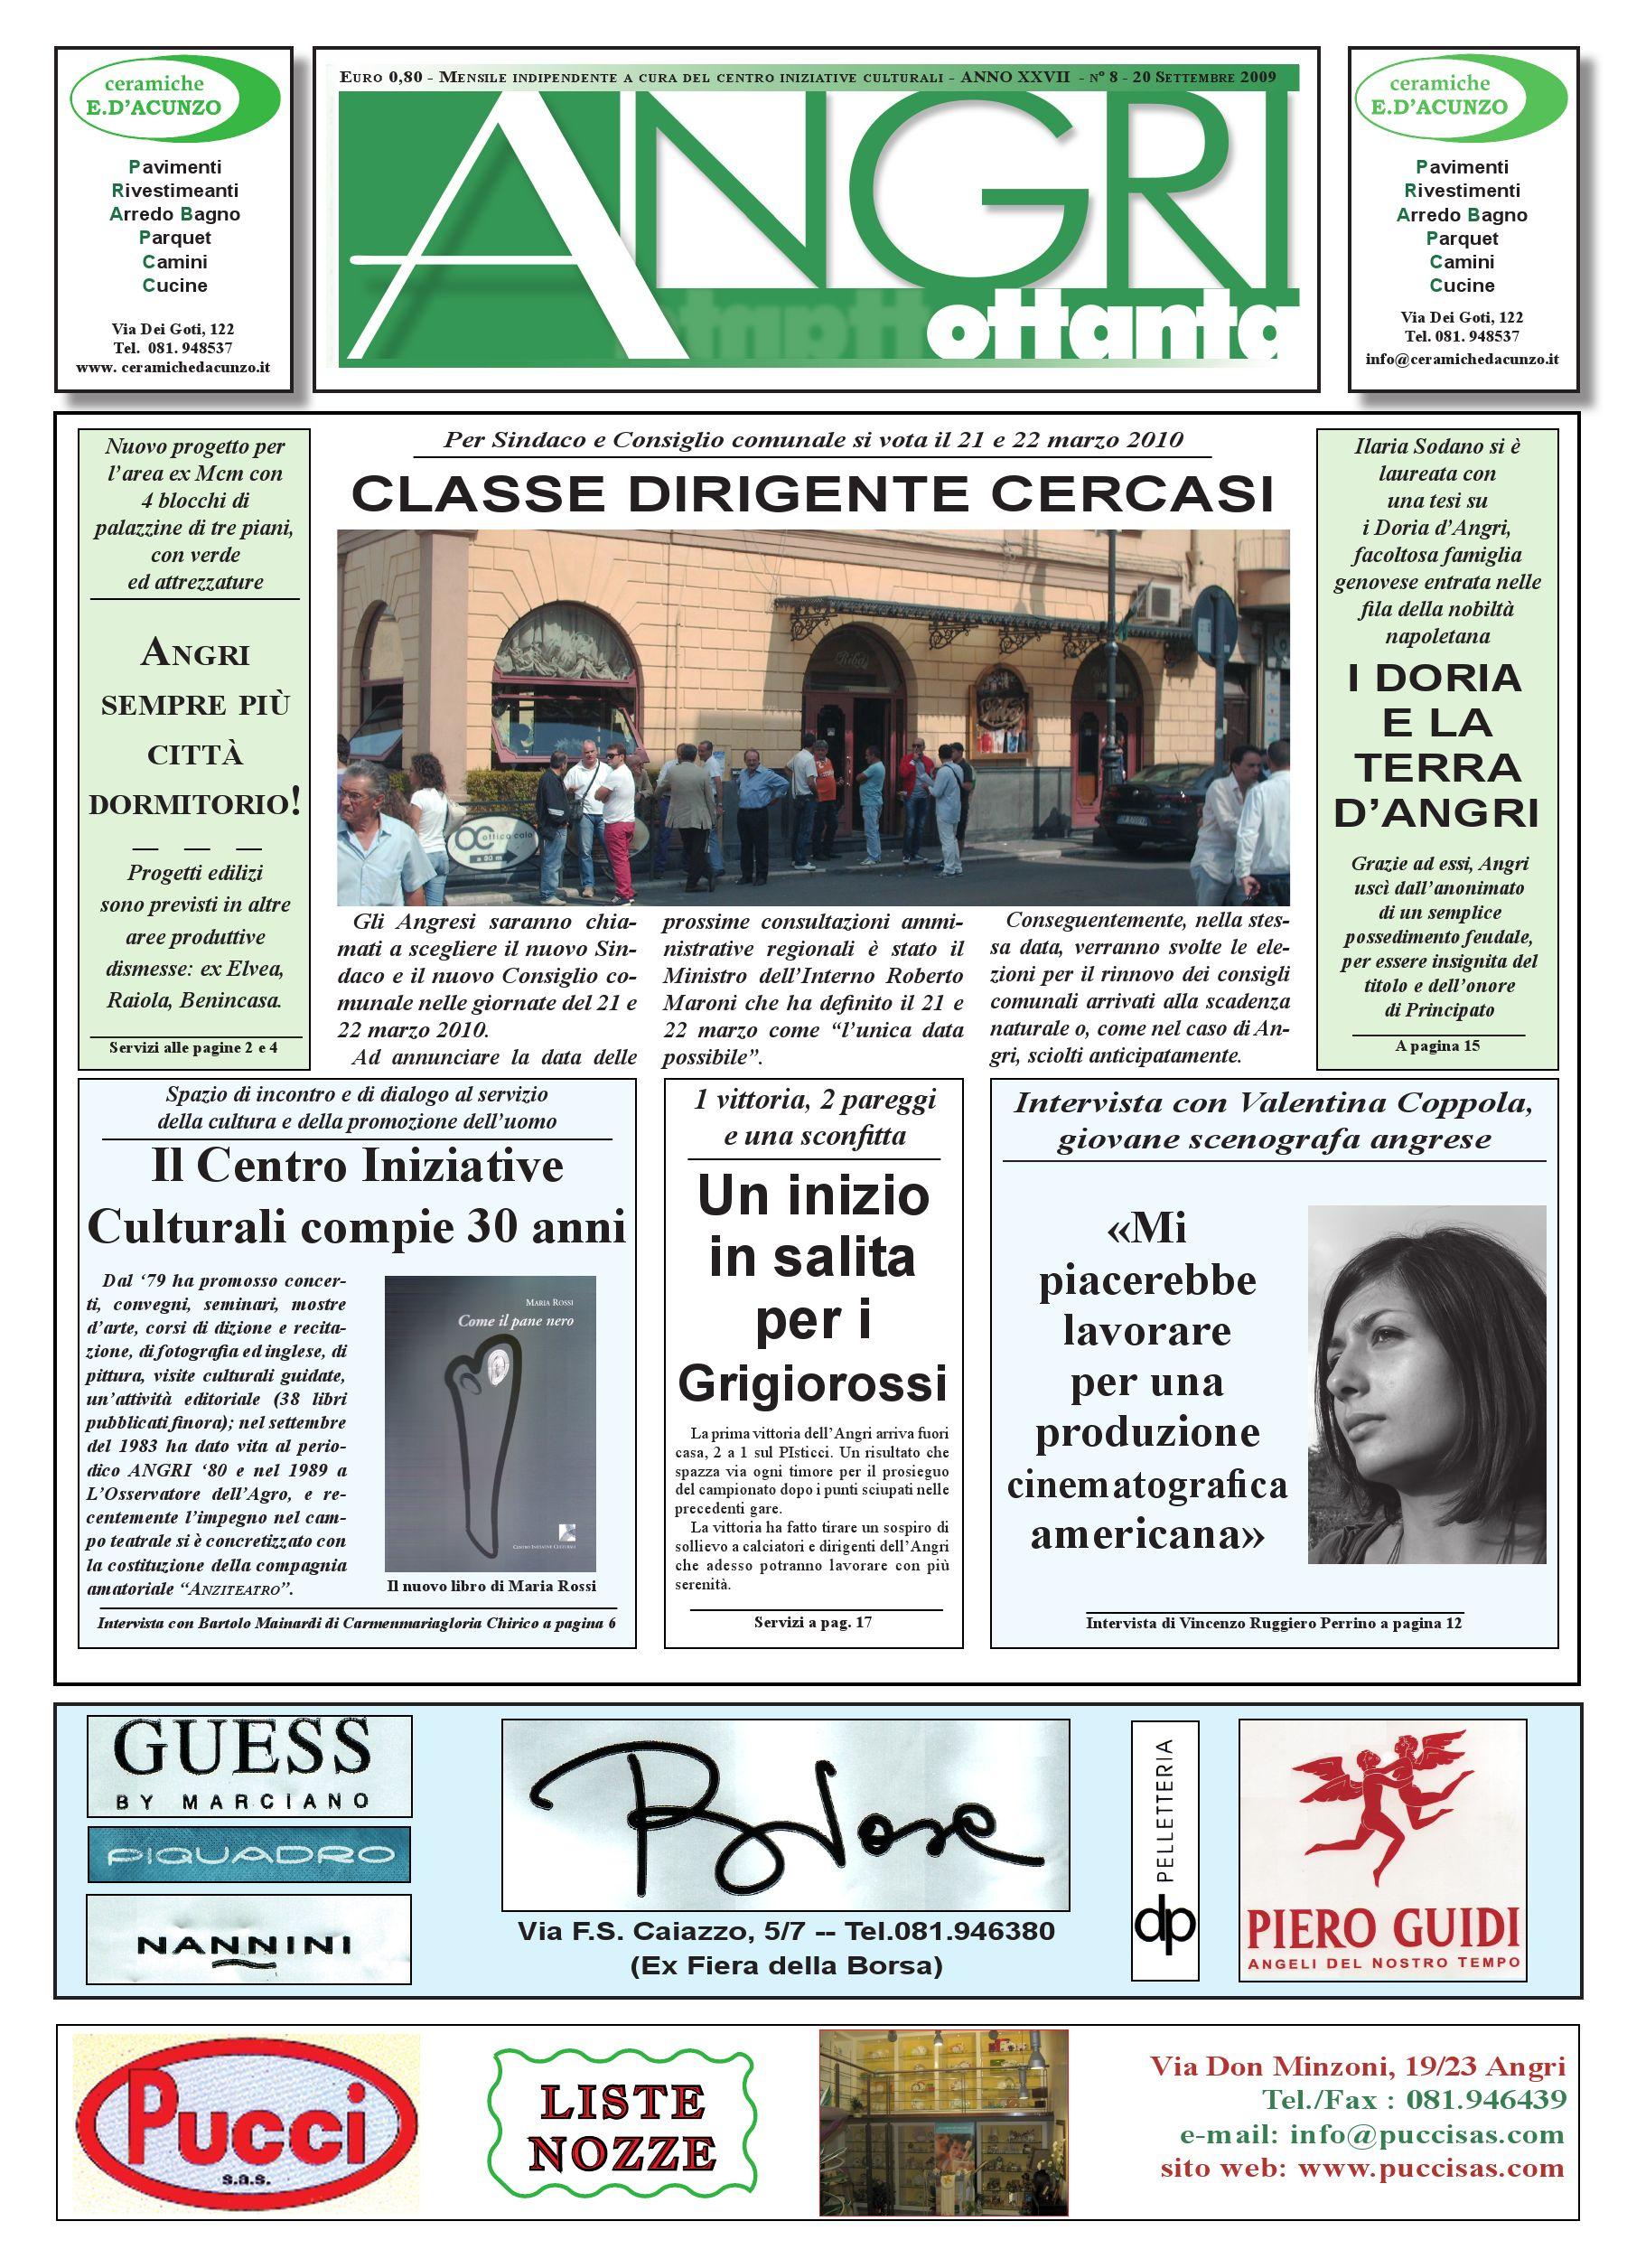 a80_sett_09 by piazzadoria piazzadoria - issuu - Arredo Bagno Angri